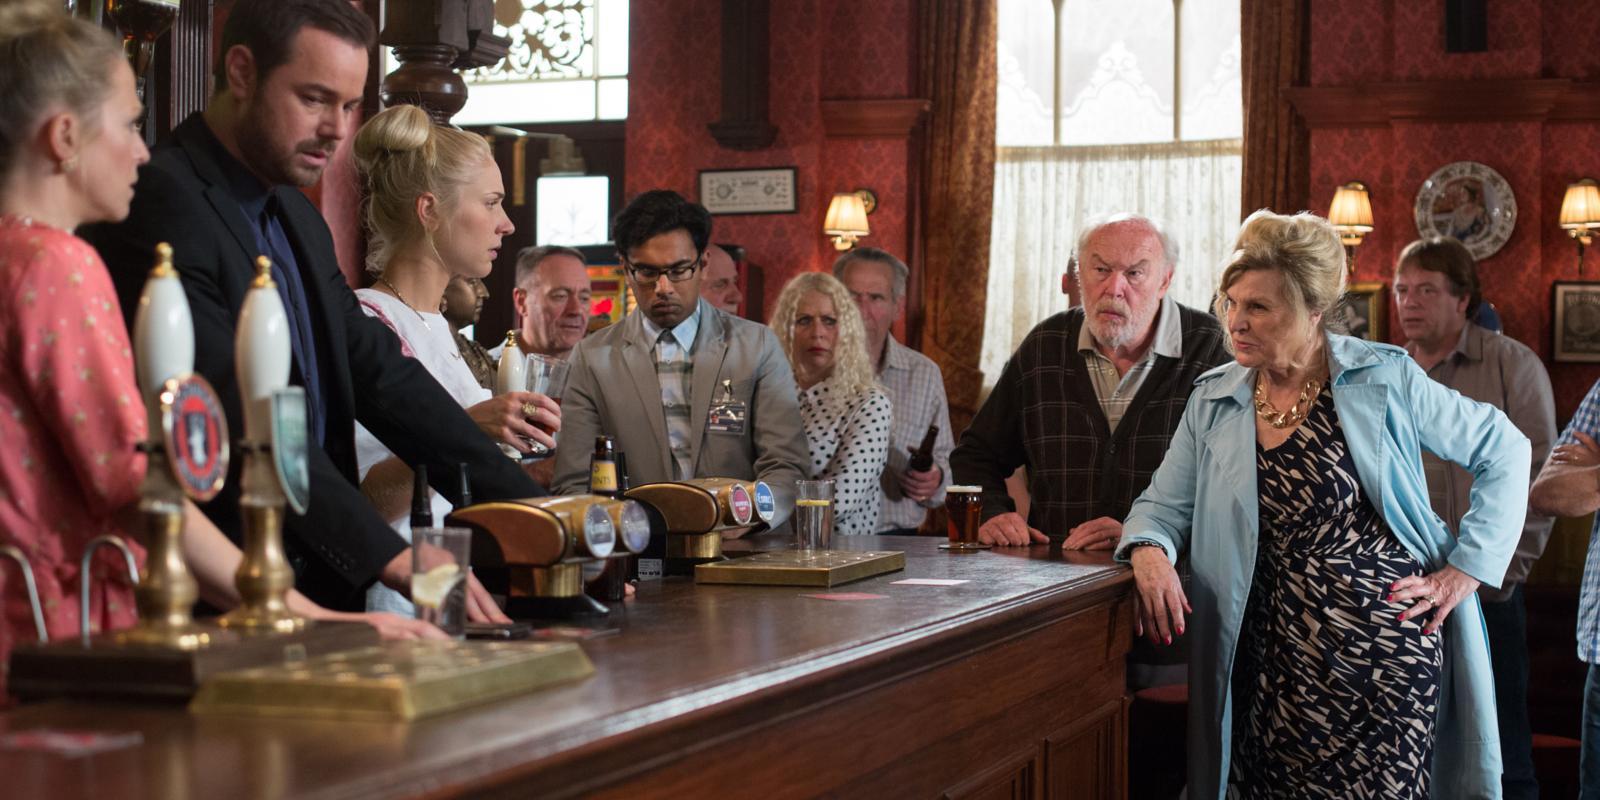 pub cora noel 2018 EastEnders: Mick Carter's arrest shame to be exposed by Cora Cross pub cora noel 2018